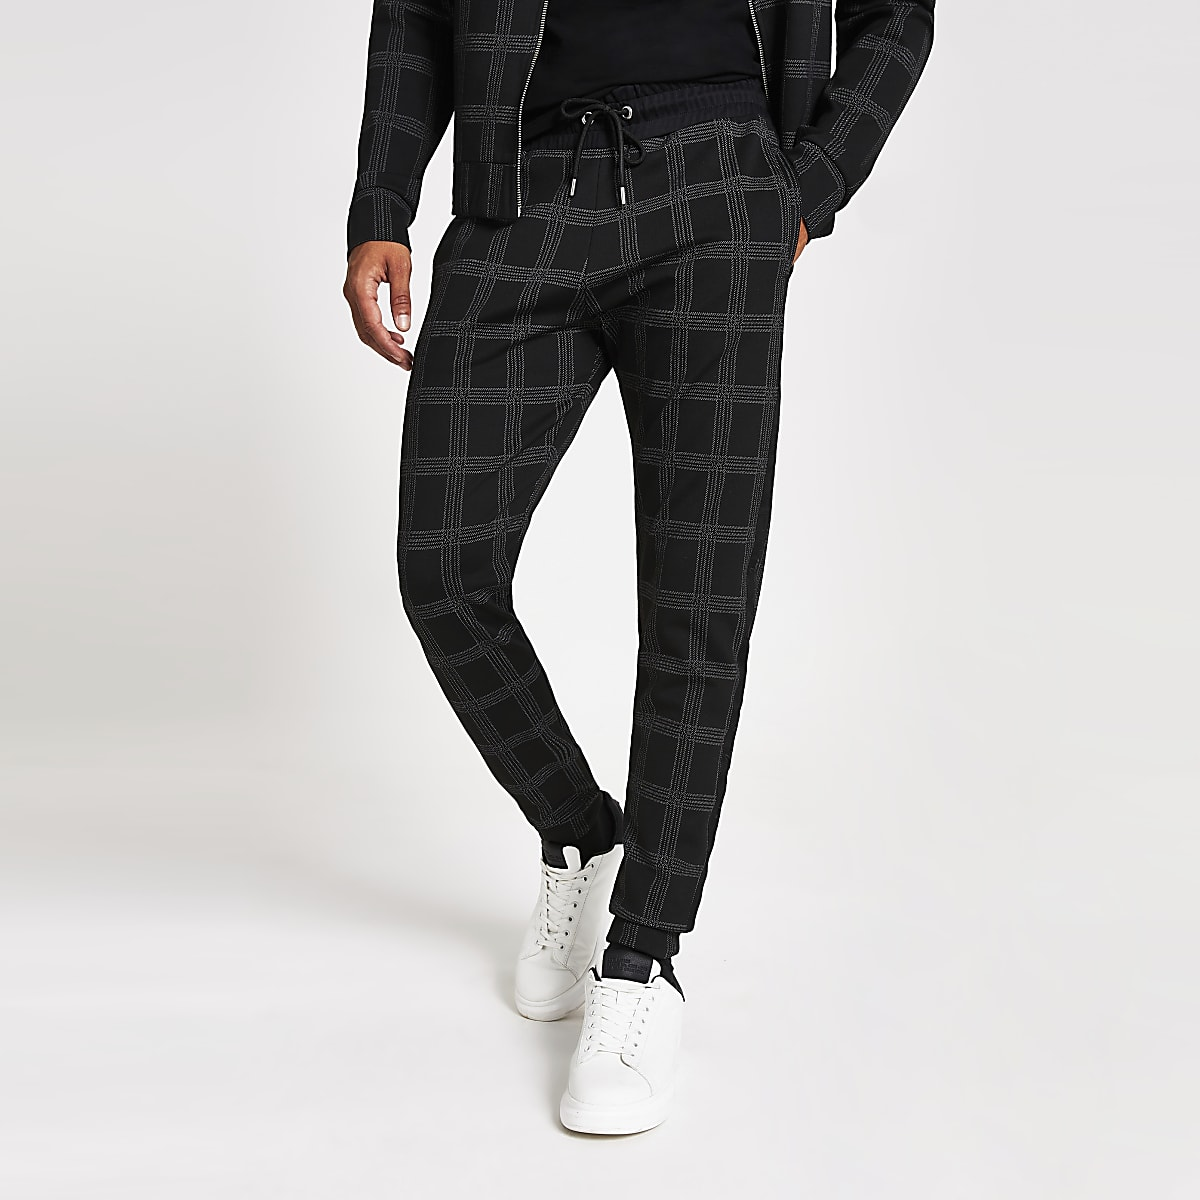 Pantalon de jogging slim noirà carreaux avec bande Maison Riviera